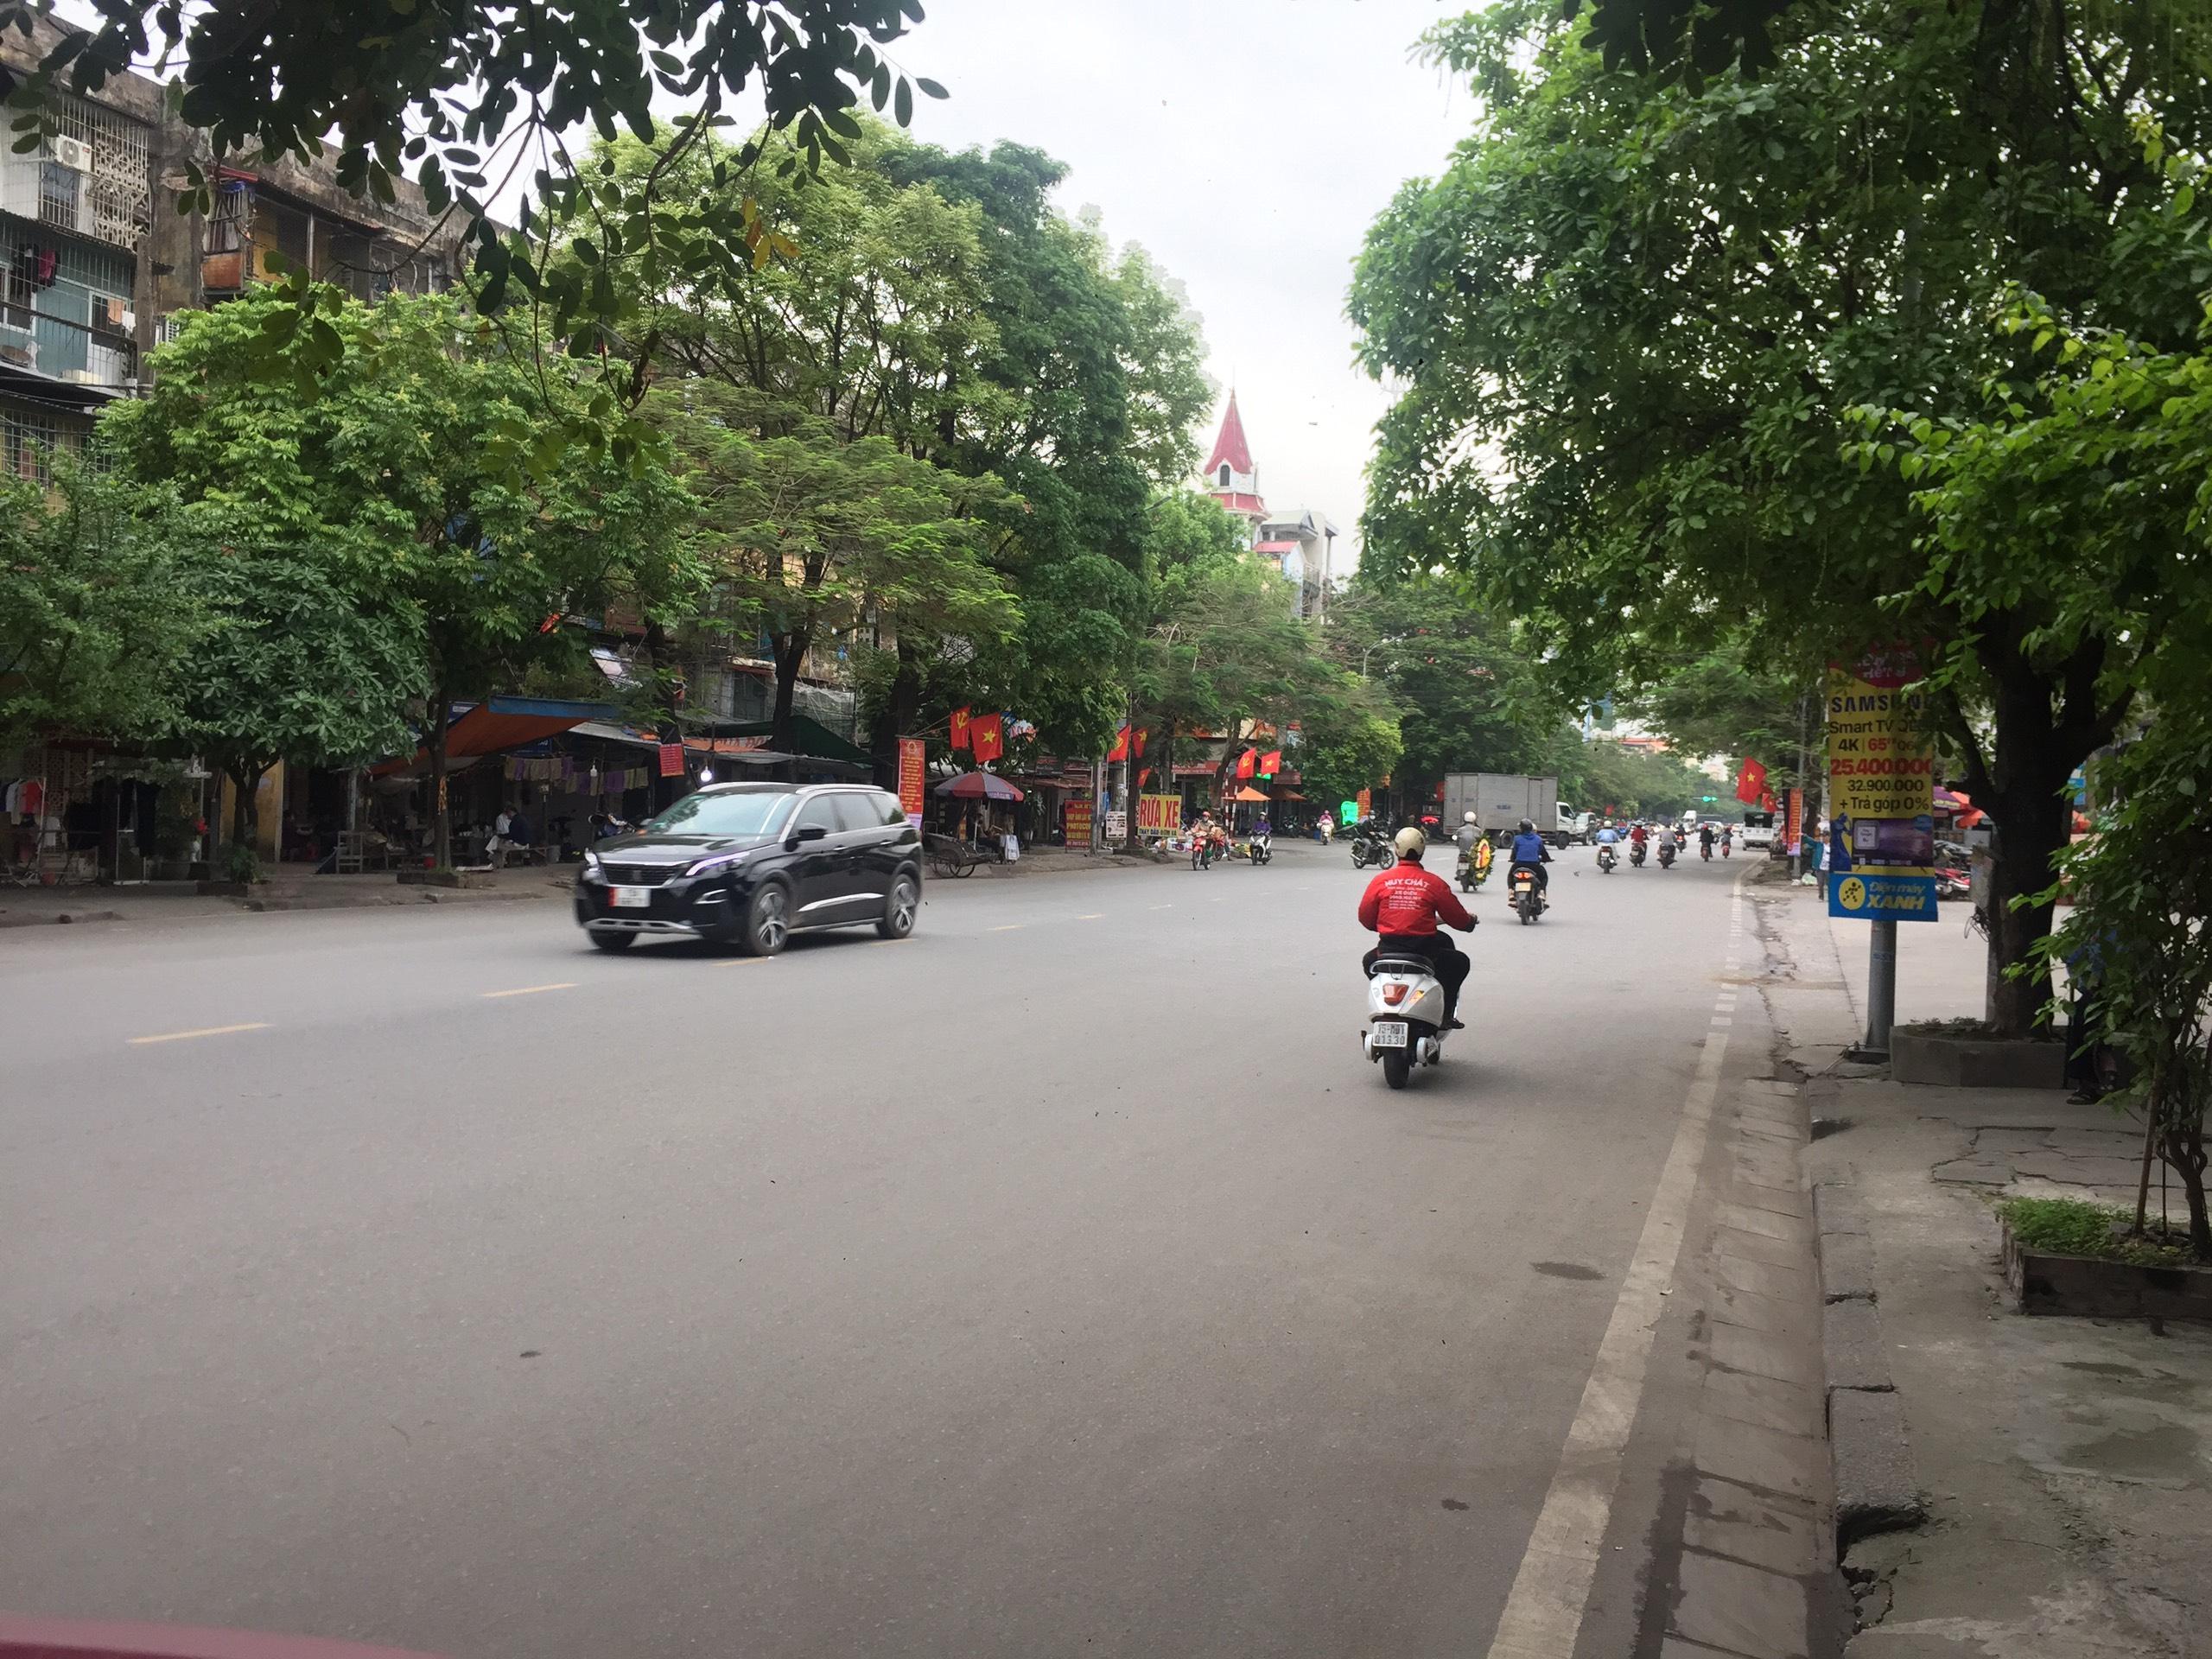 Chuyển nhượng lô đất tuyến 2 mặt đường bao Trần Hưng Đạo, Đông Hải 1, Hải An, Hải Phòng.